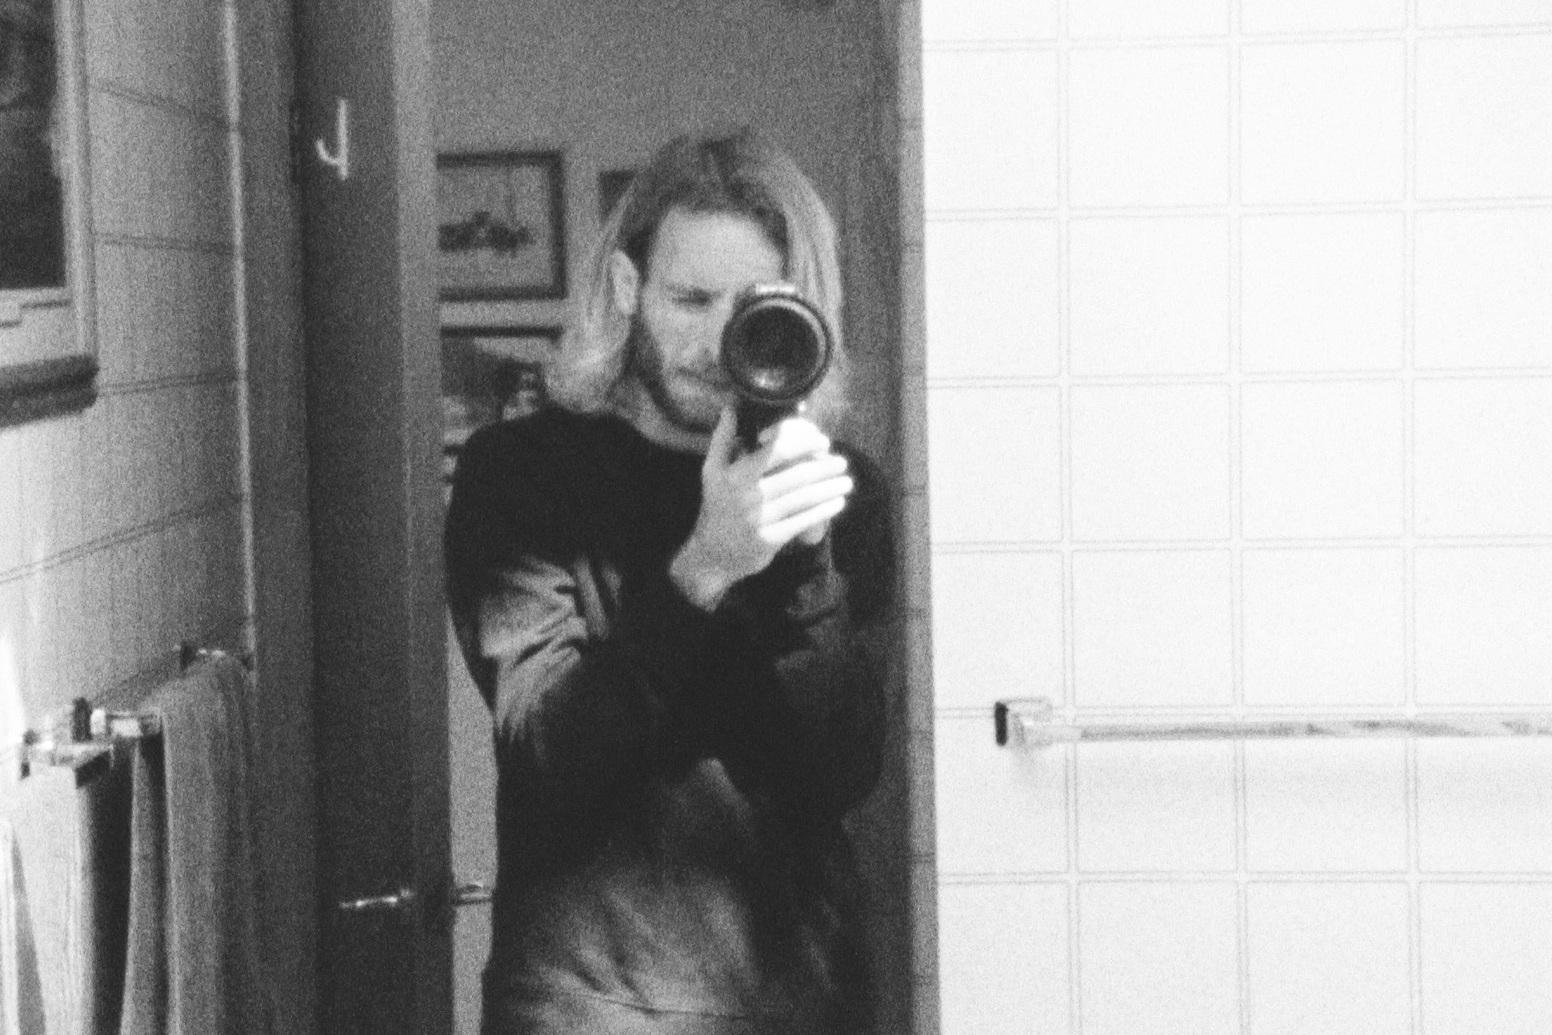 ALEX BOLEN - Creative Director